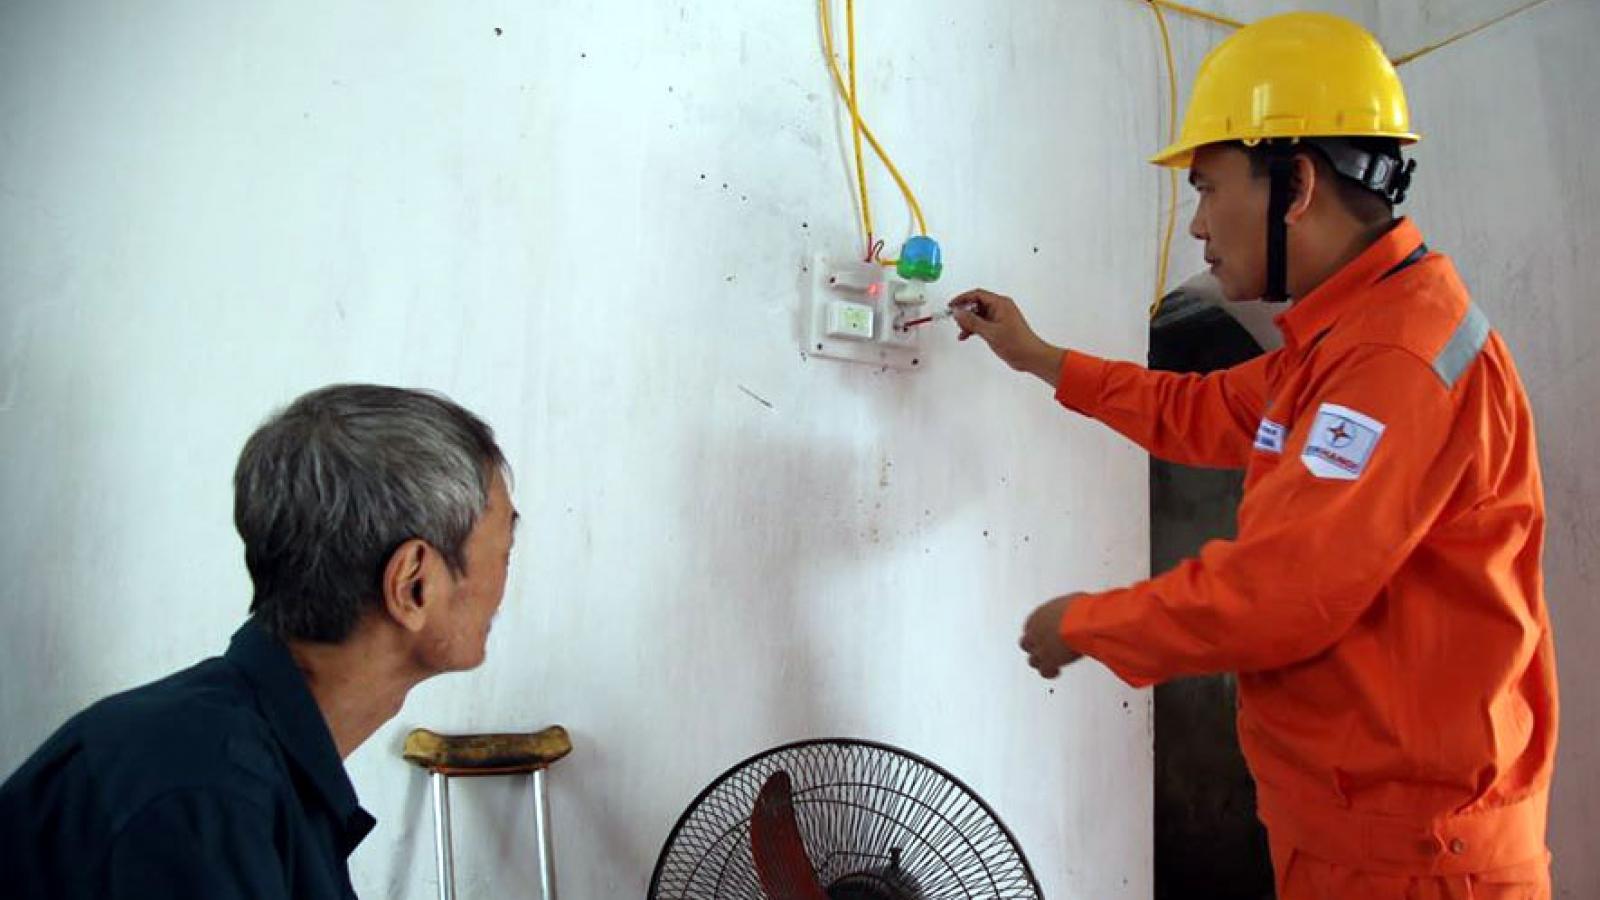 Tiền điện tăng vọt, dân nghi ngờ cách ghi chỉ số công tơ của EVN